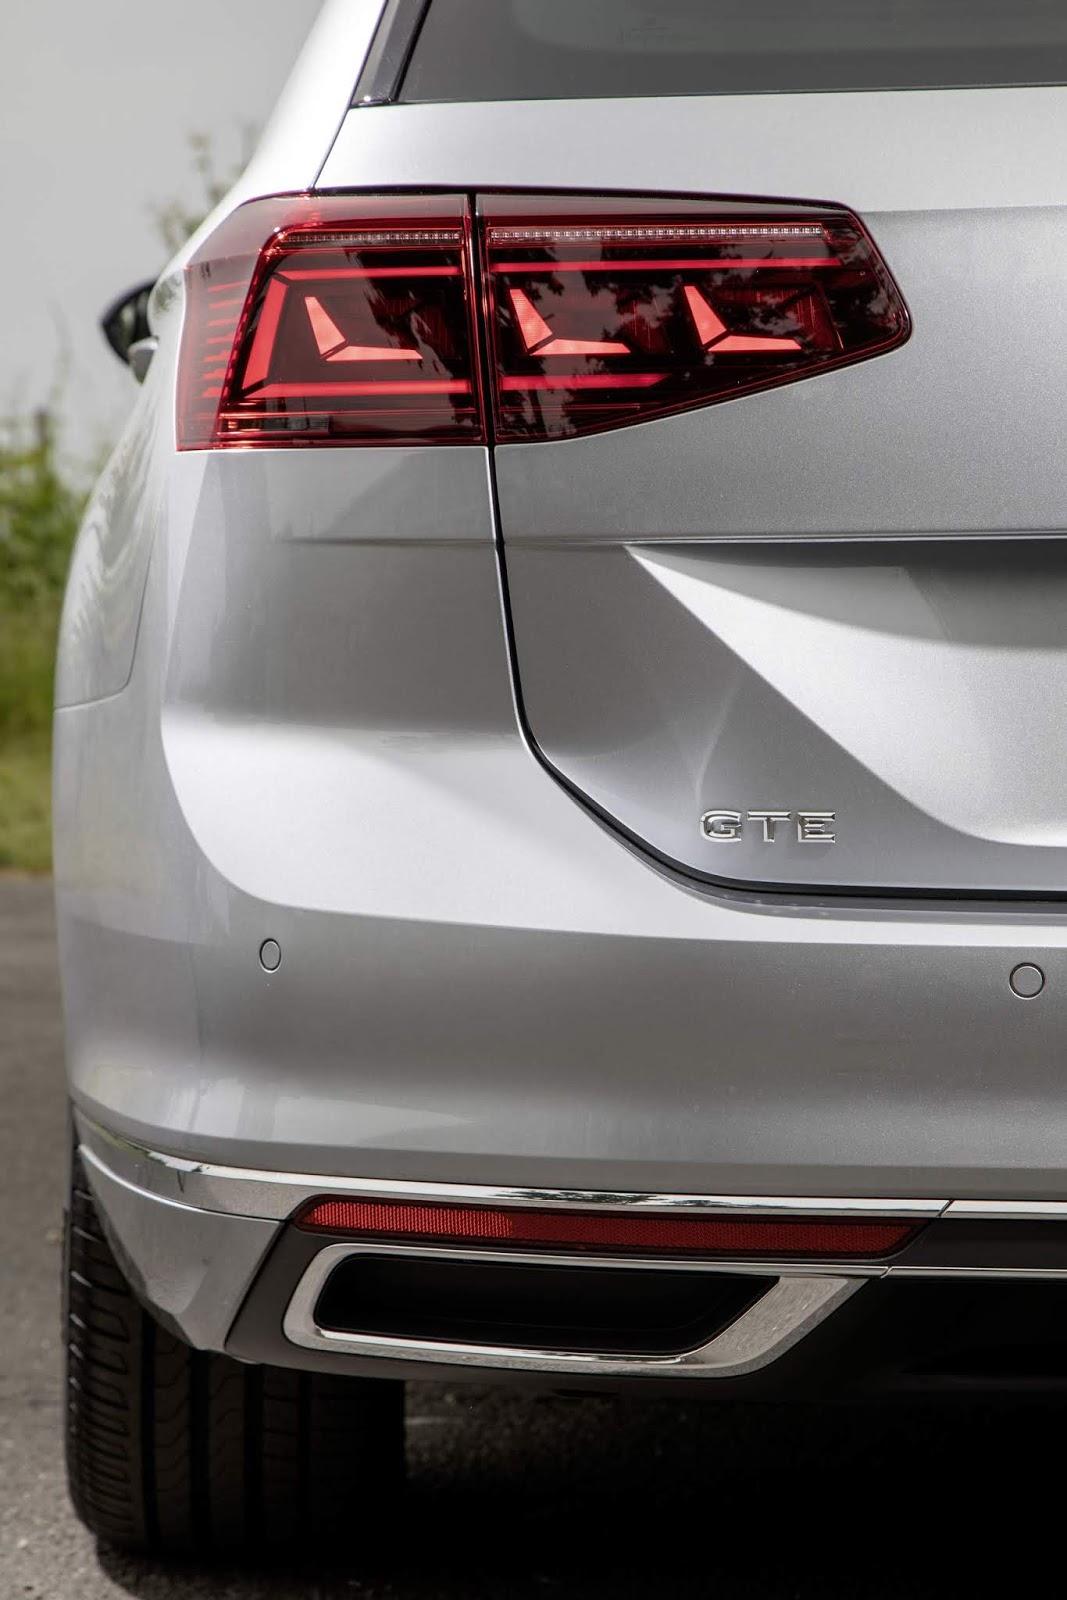 VW Passat GTE Variant 2020: Fotos, Preço E Ficha Técnica